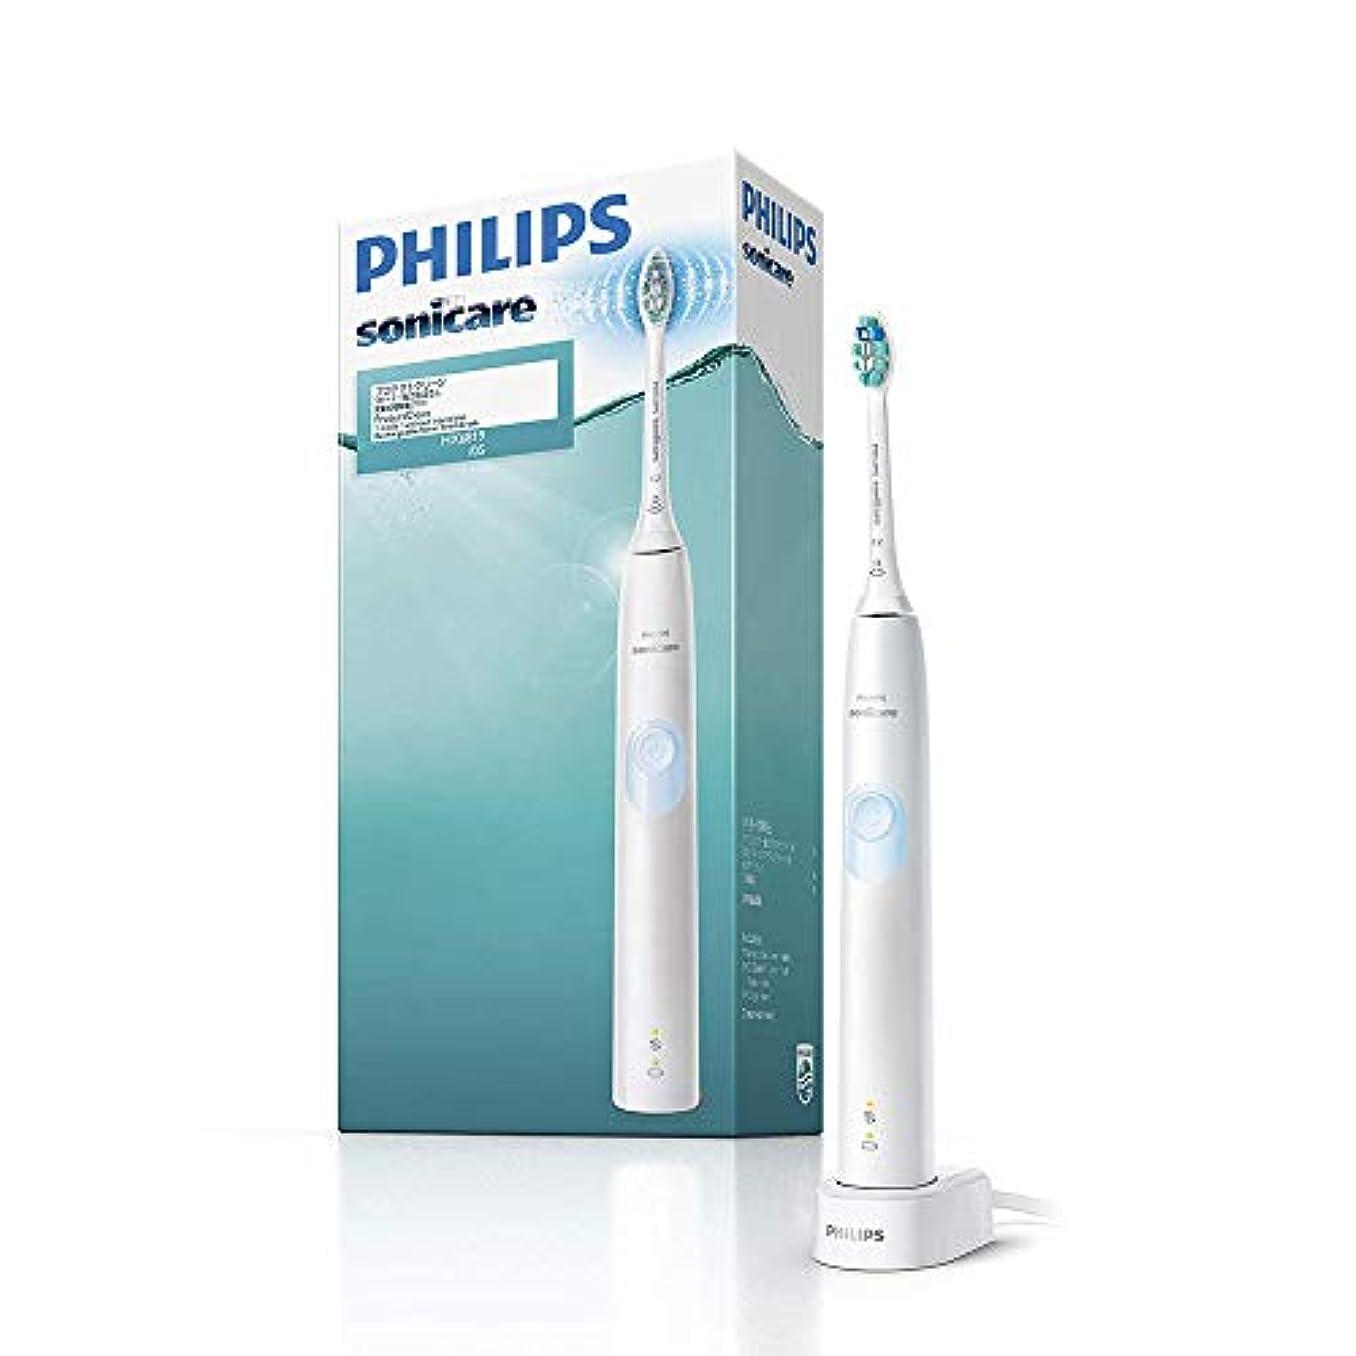 めまいが債務マルクス主義者【Amazon.co.jp限定】フィリップス ソニッケアー プロテクトクリーン ホワイトライトブルー 電動歯ブラシ 強さ設定なし HX6819/05